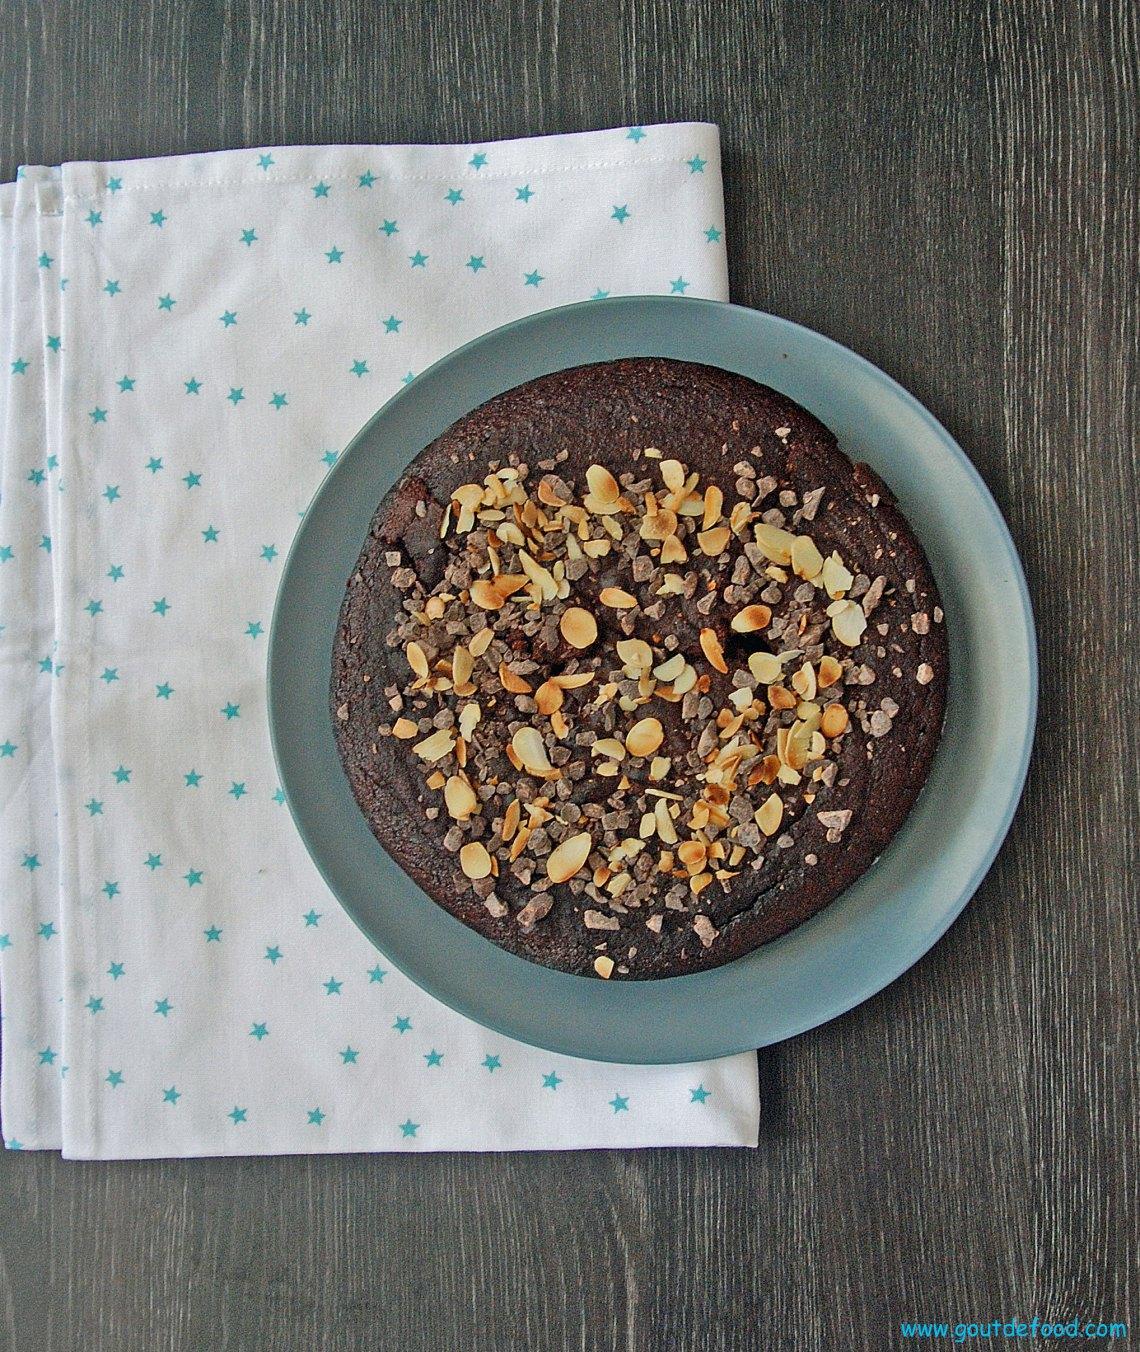 La gâteau au chocolat SANS sucre, farine, beurre.